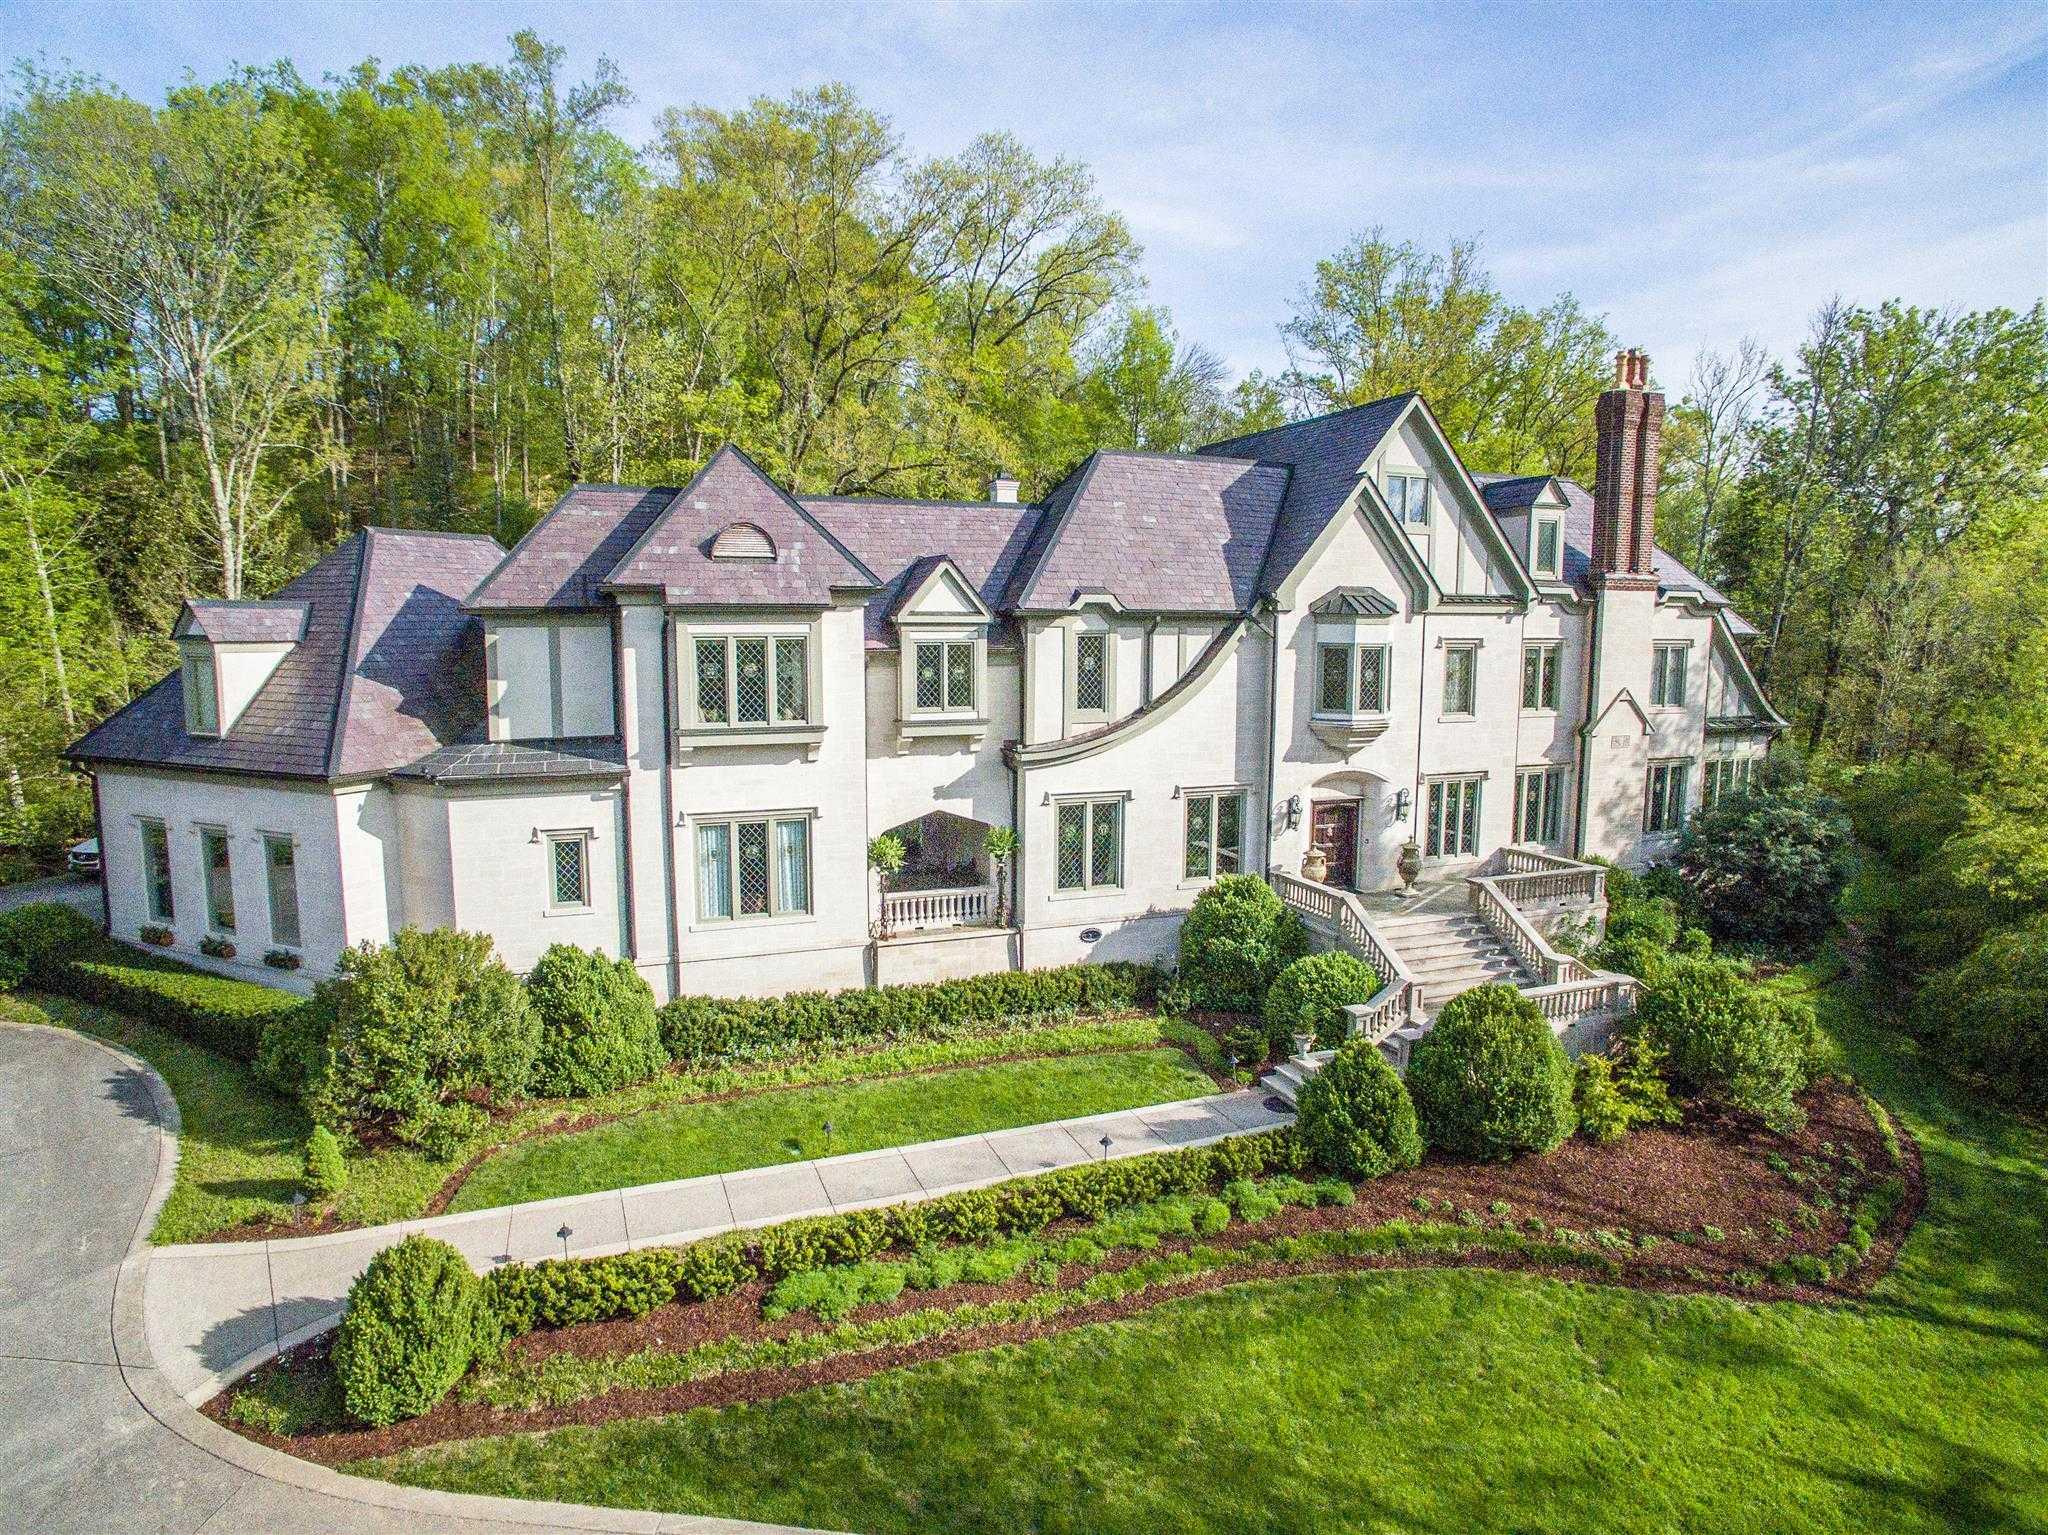 $4,579,000 - 6Br/7Ba -  for Sale in Laurelbrooke Sec 10-b #10, Franklin